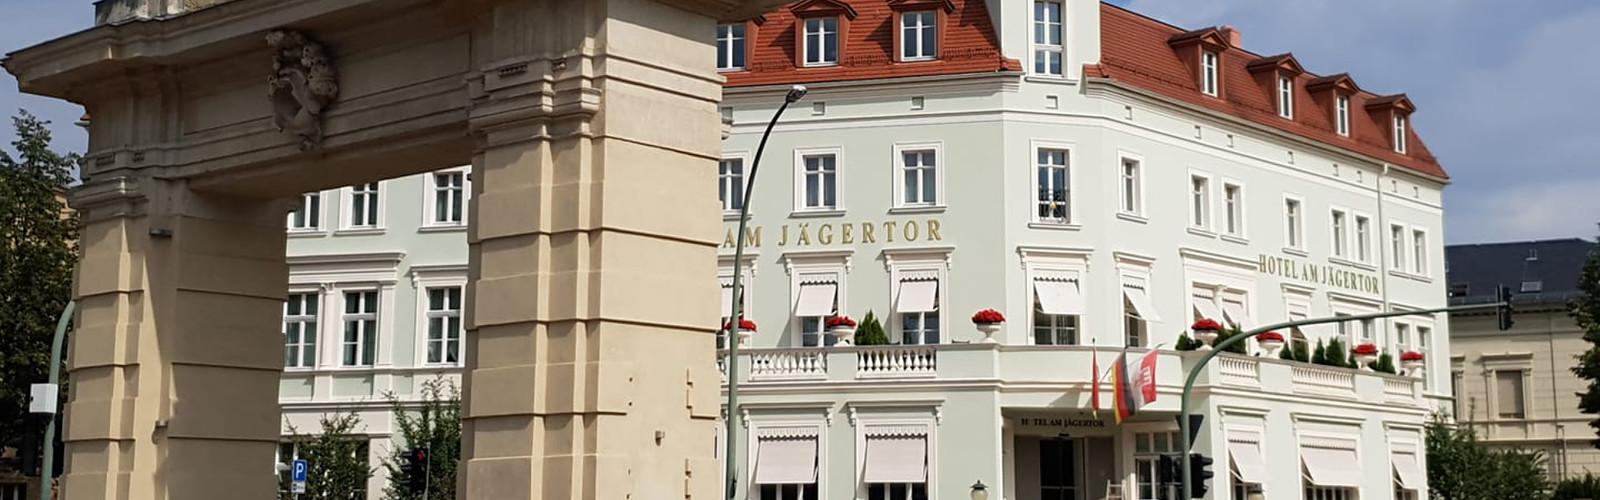 Außenansicht Hotel Am Jägertor (c) Hotel Am Jägertor